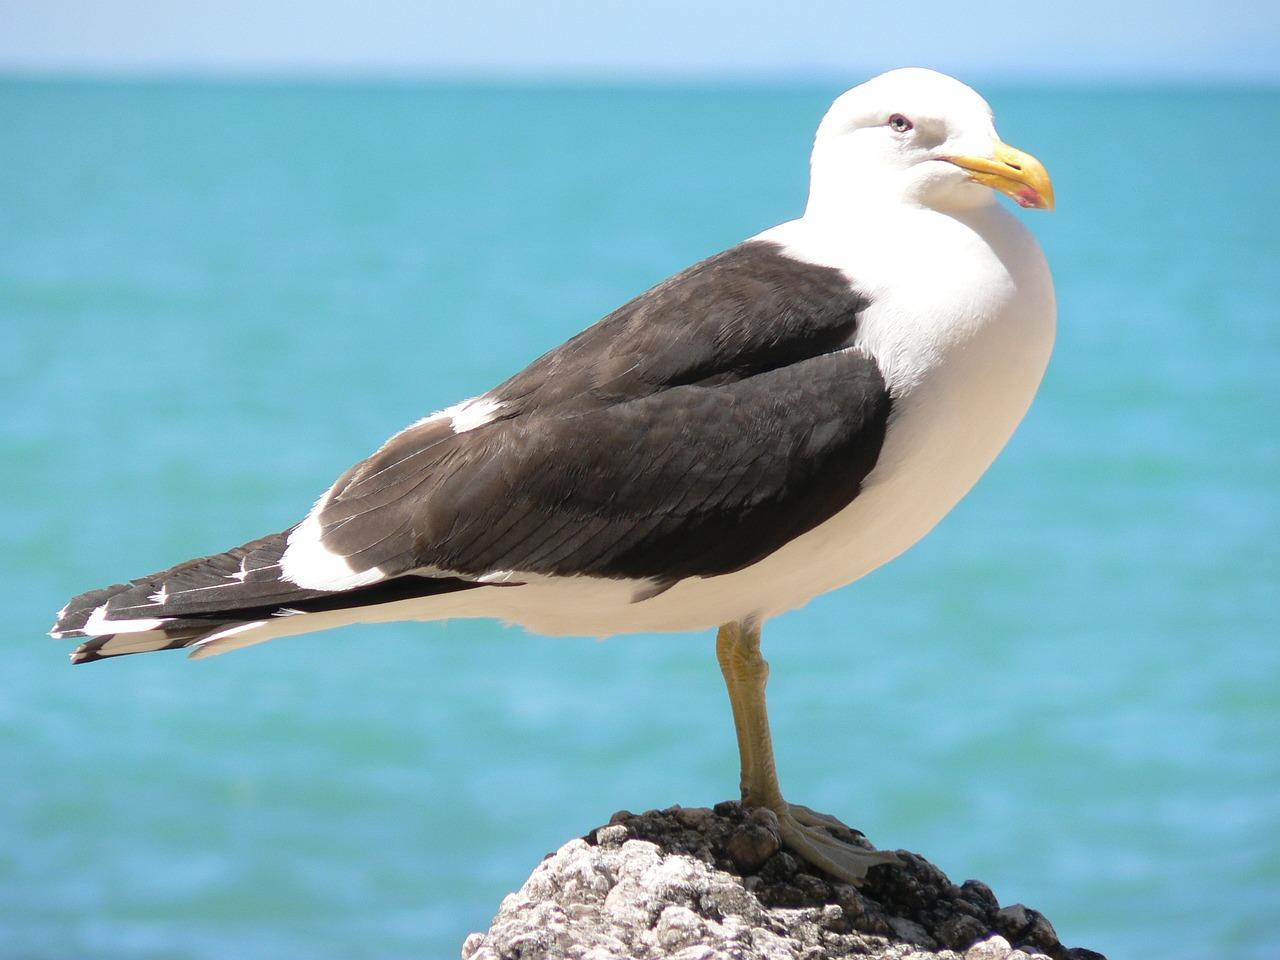 этом видео чайка фото птица большая дружная